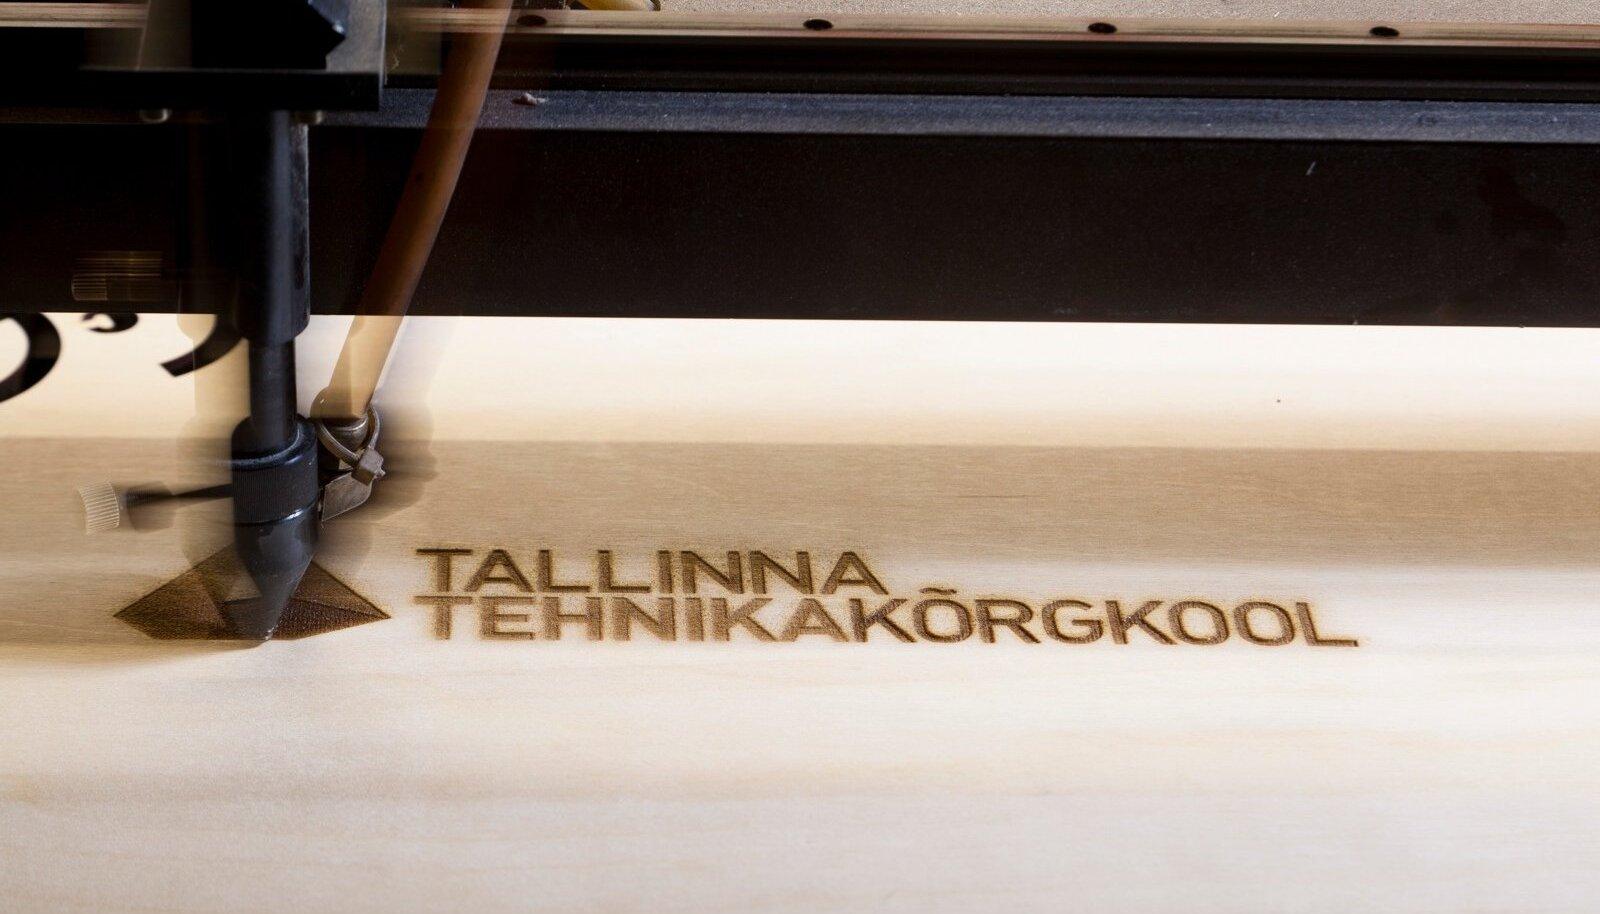 Laserpõleti mehaanikalaboris. Tallinna Tehnikakõrgkool